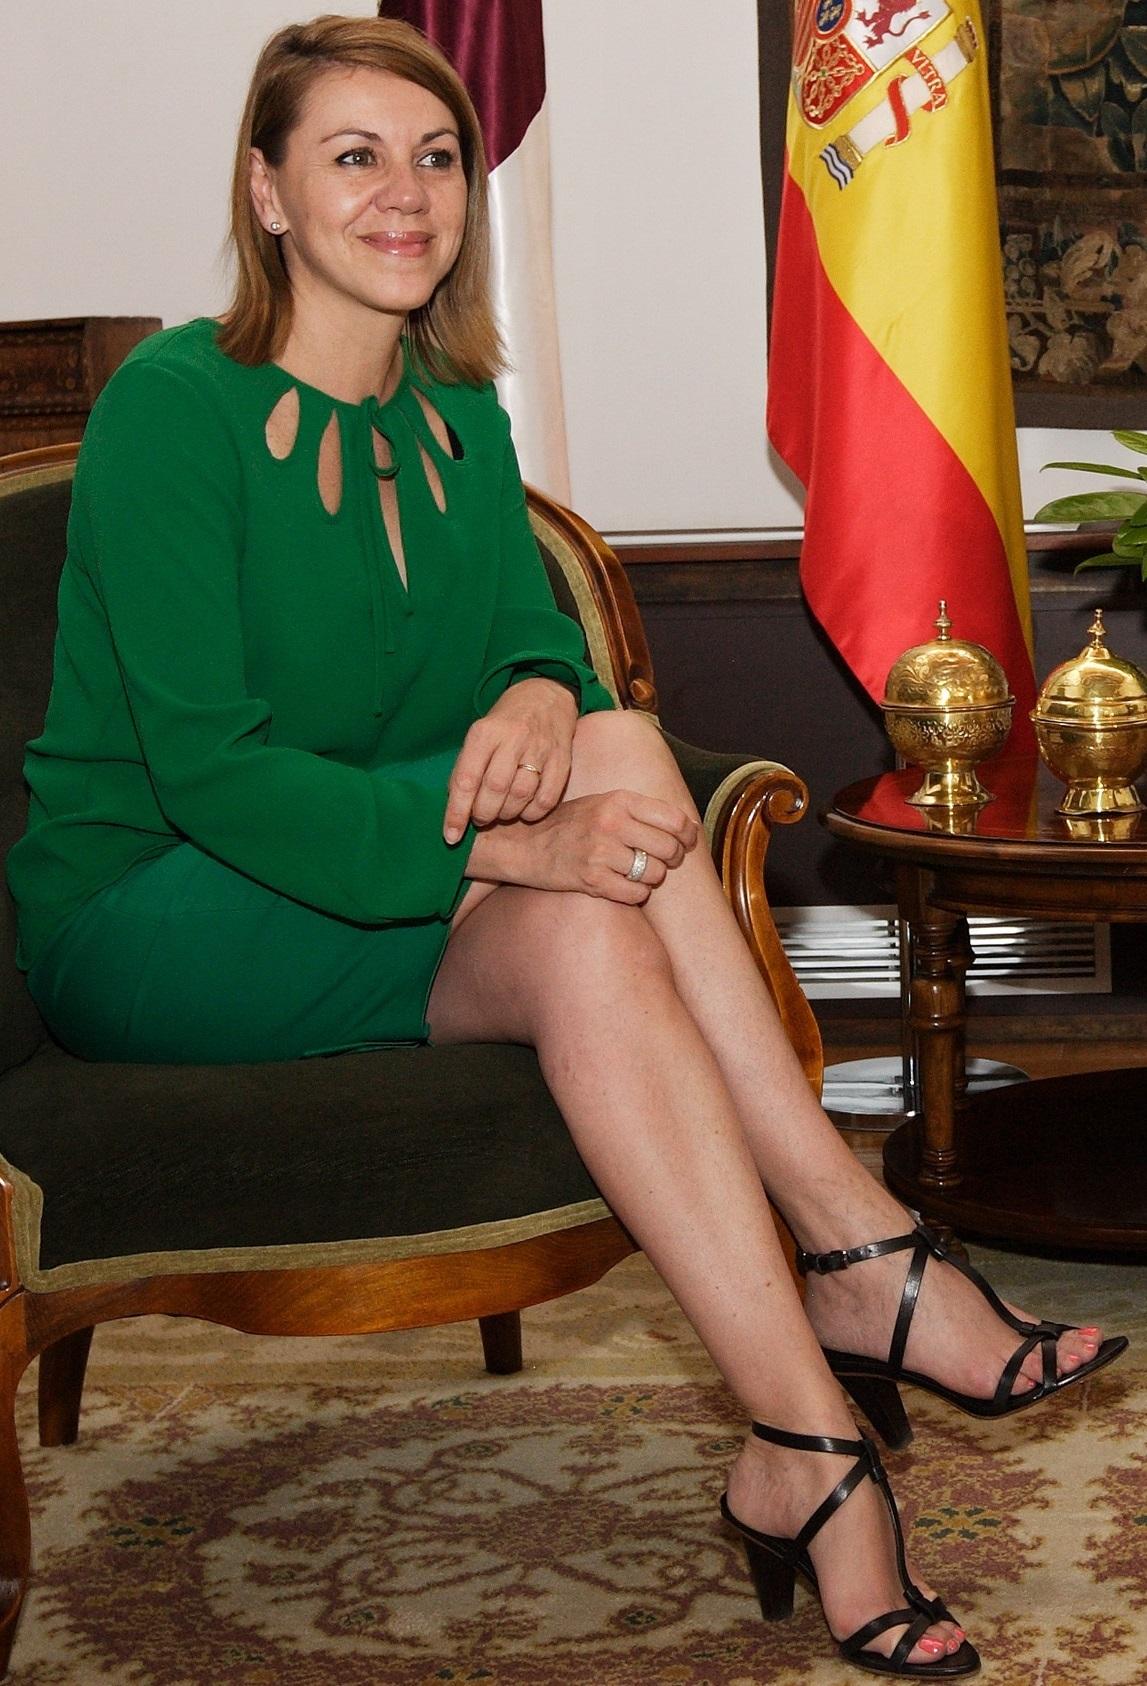 Toledo, 14-06-2012. - La presidenta de Castilla-La Mancha, María Dolores Cospedal, durante la reunión con el embajador de Corea del Sur en España, Oh Dae-Sung. (Foto: H. Fraile // JCCM)